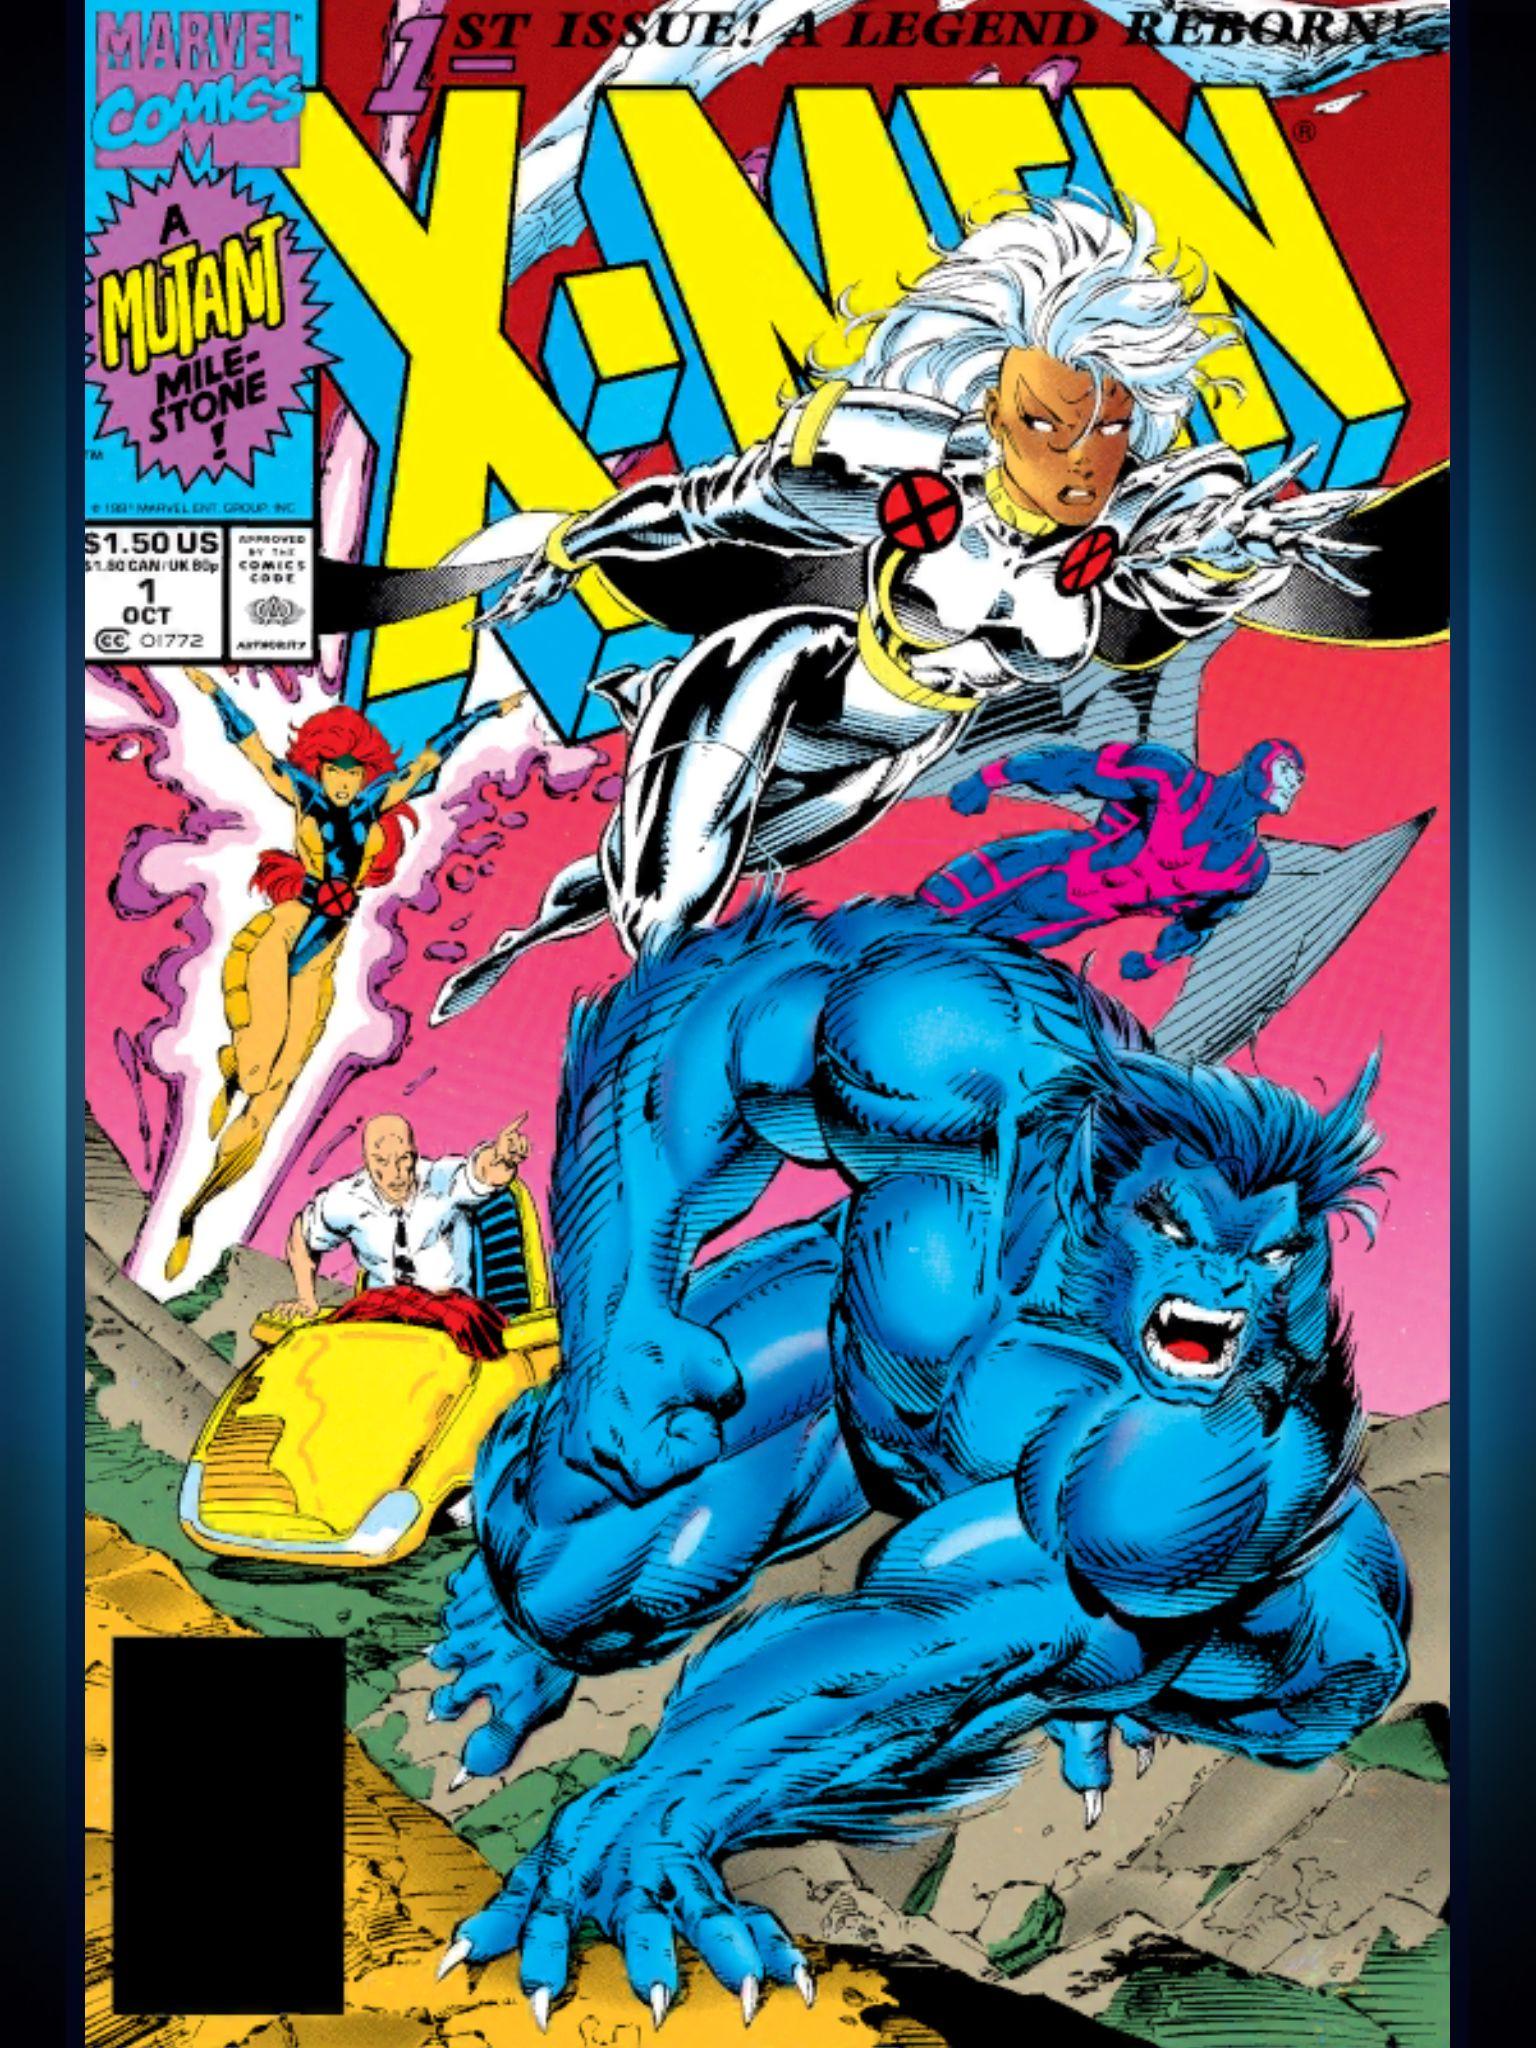 Marvel Marvel Comics Covers Rare Comic Books Marvel Comic Books